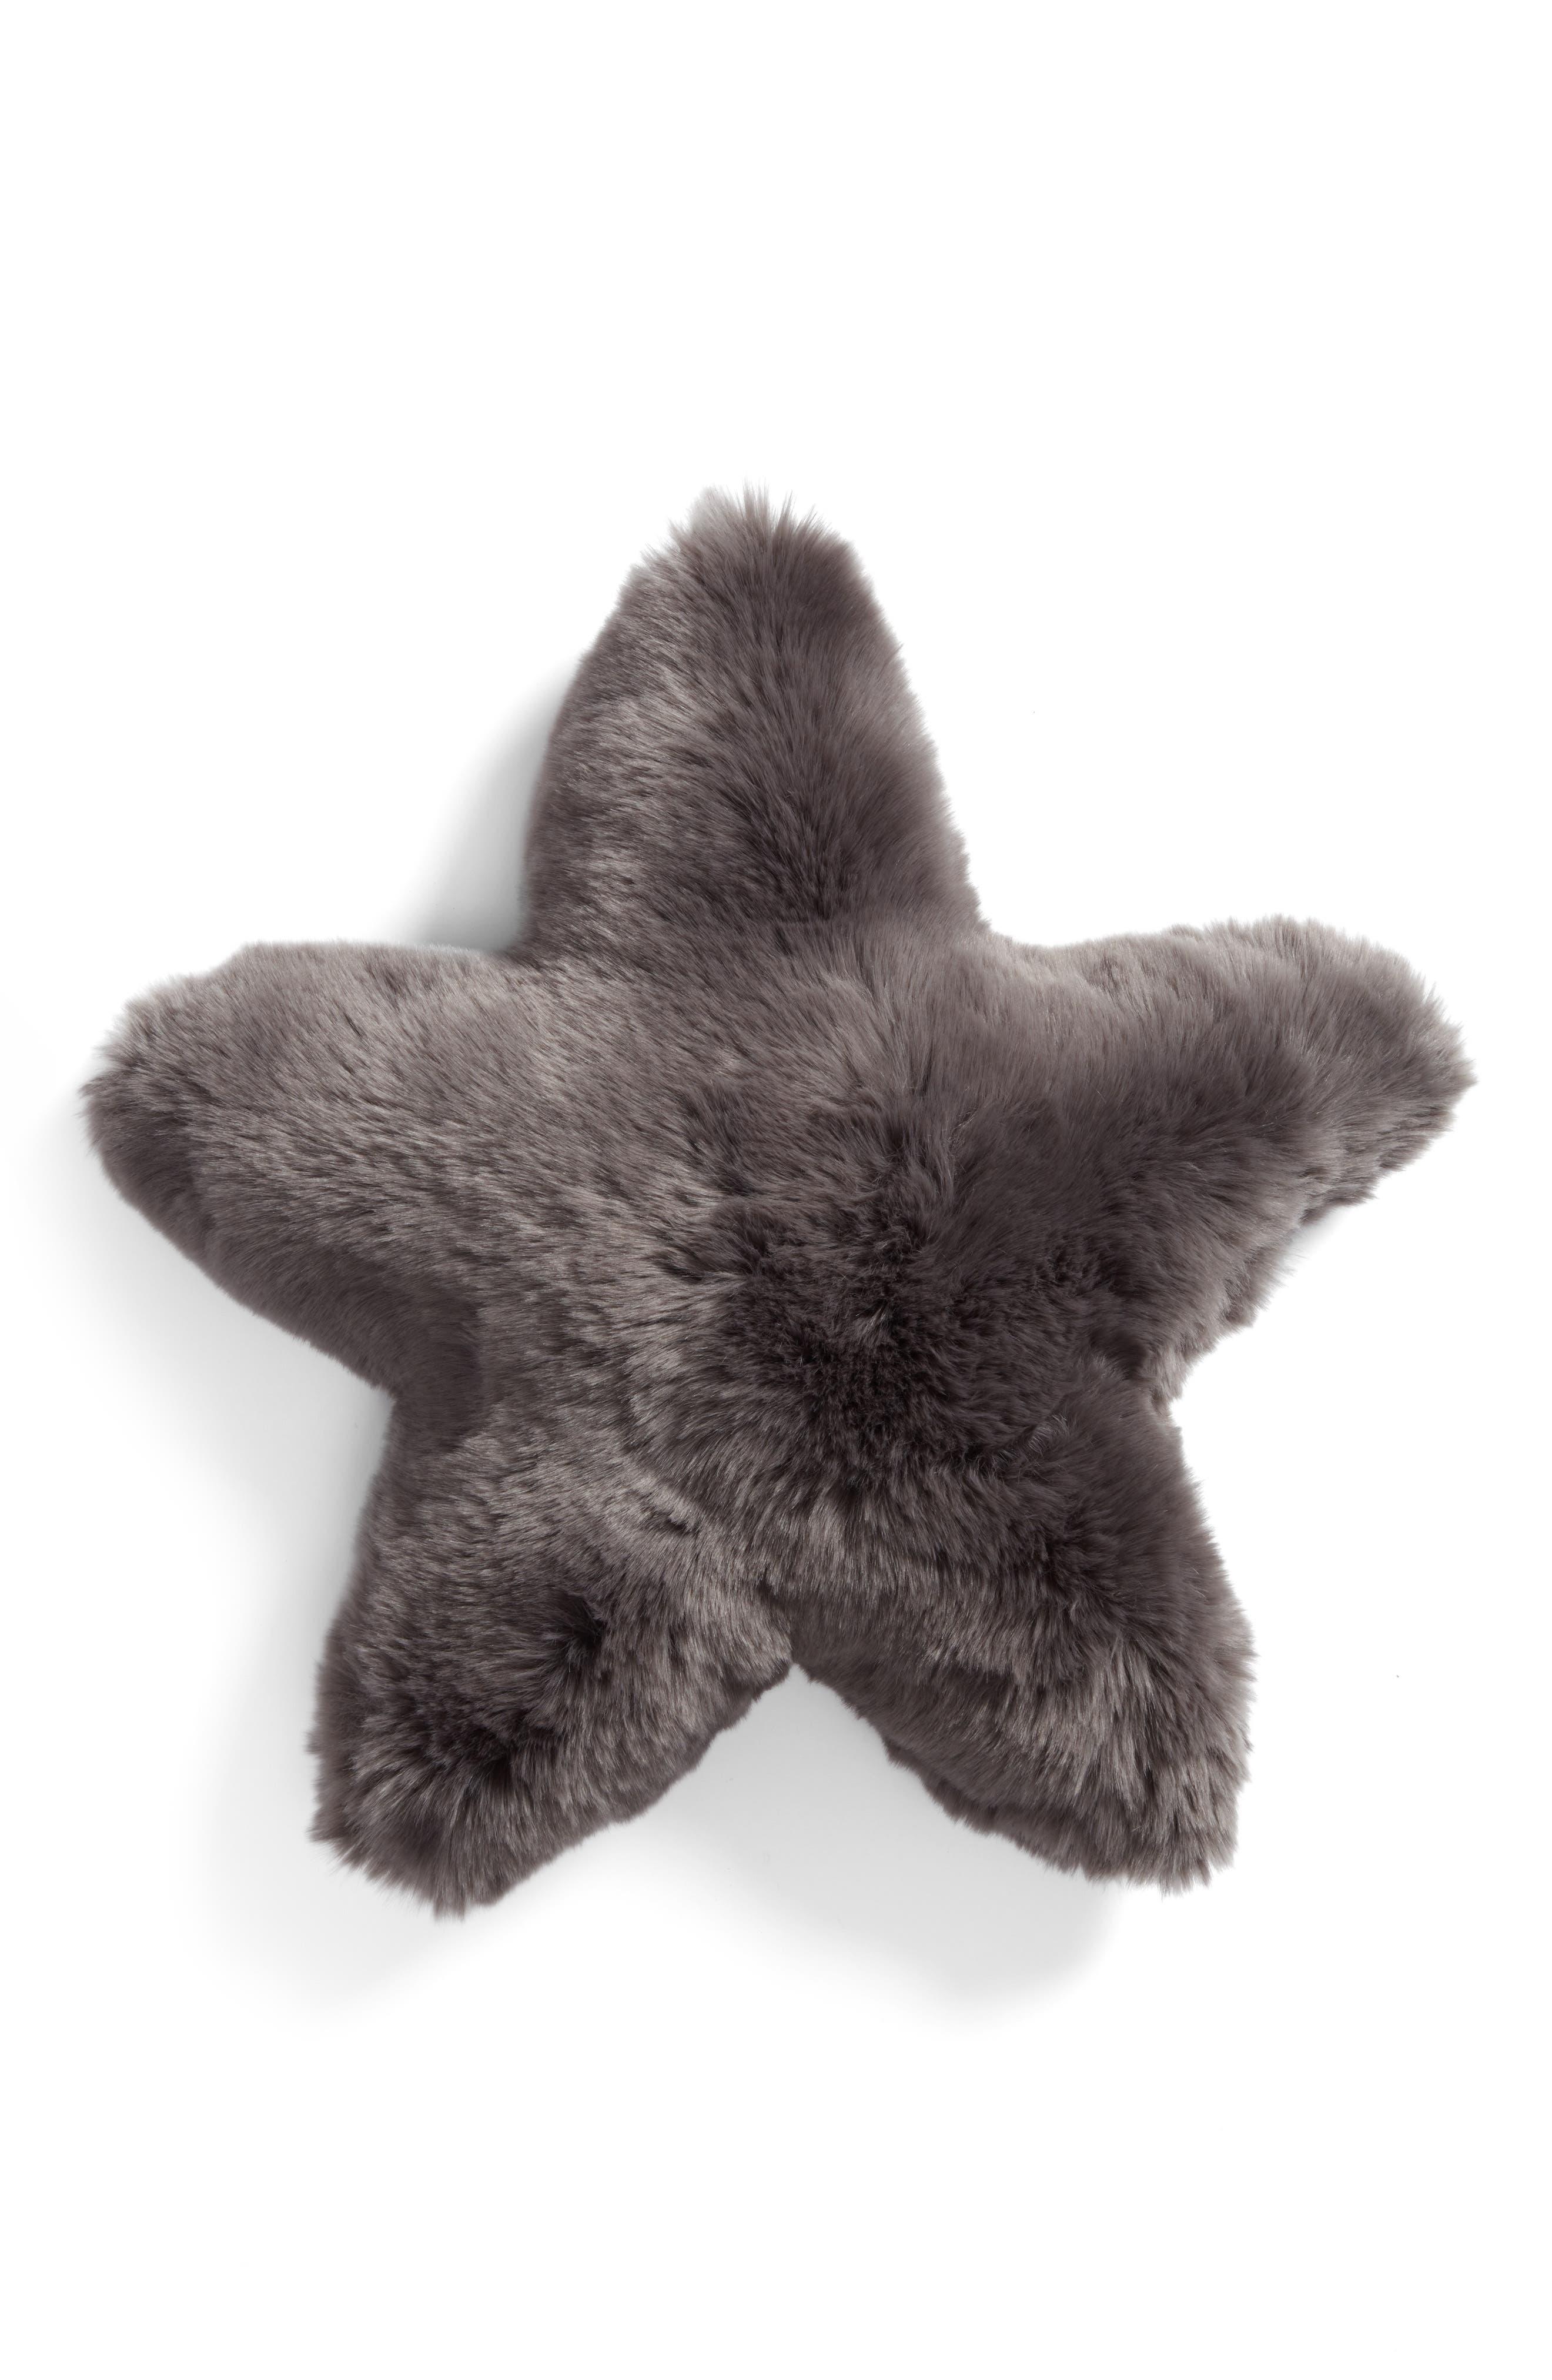 Cuddle Up Faux Fur Star Pillow,                             Main thumbnail 1, color,                             Grey Asphalt